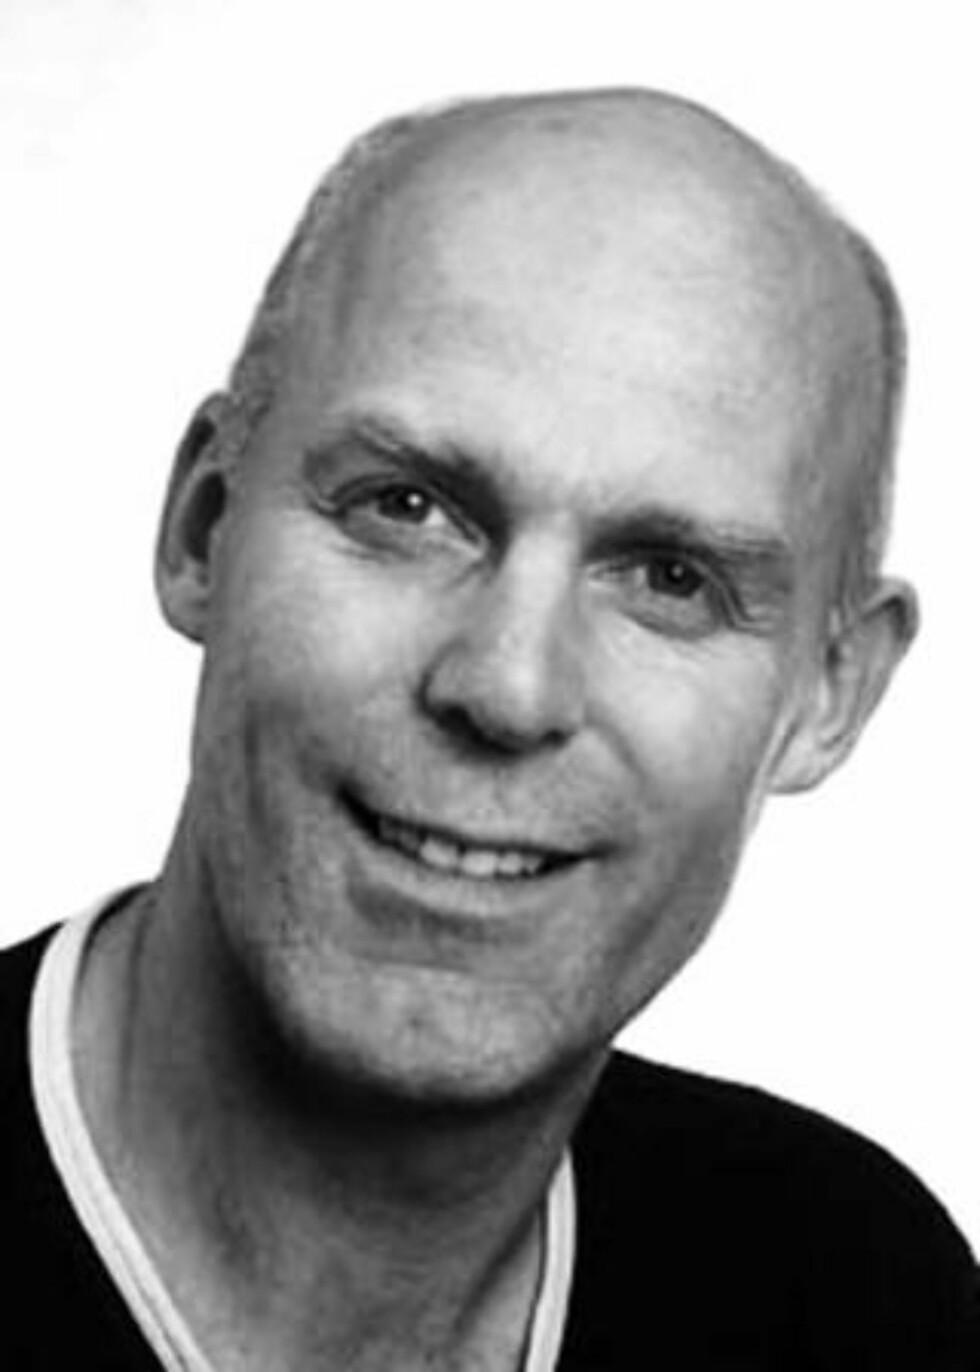 MÅTTE AVLYSE: Romfysikkprofessor Nikolai Østgaard (54) var i Aquila for å holde foredrag innen sitt fagfelt. Foredraget blir det ikke noe av. Foto: UNIVERSITETET I BERGEN